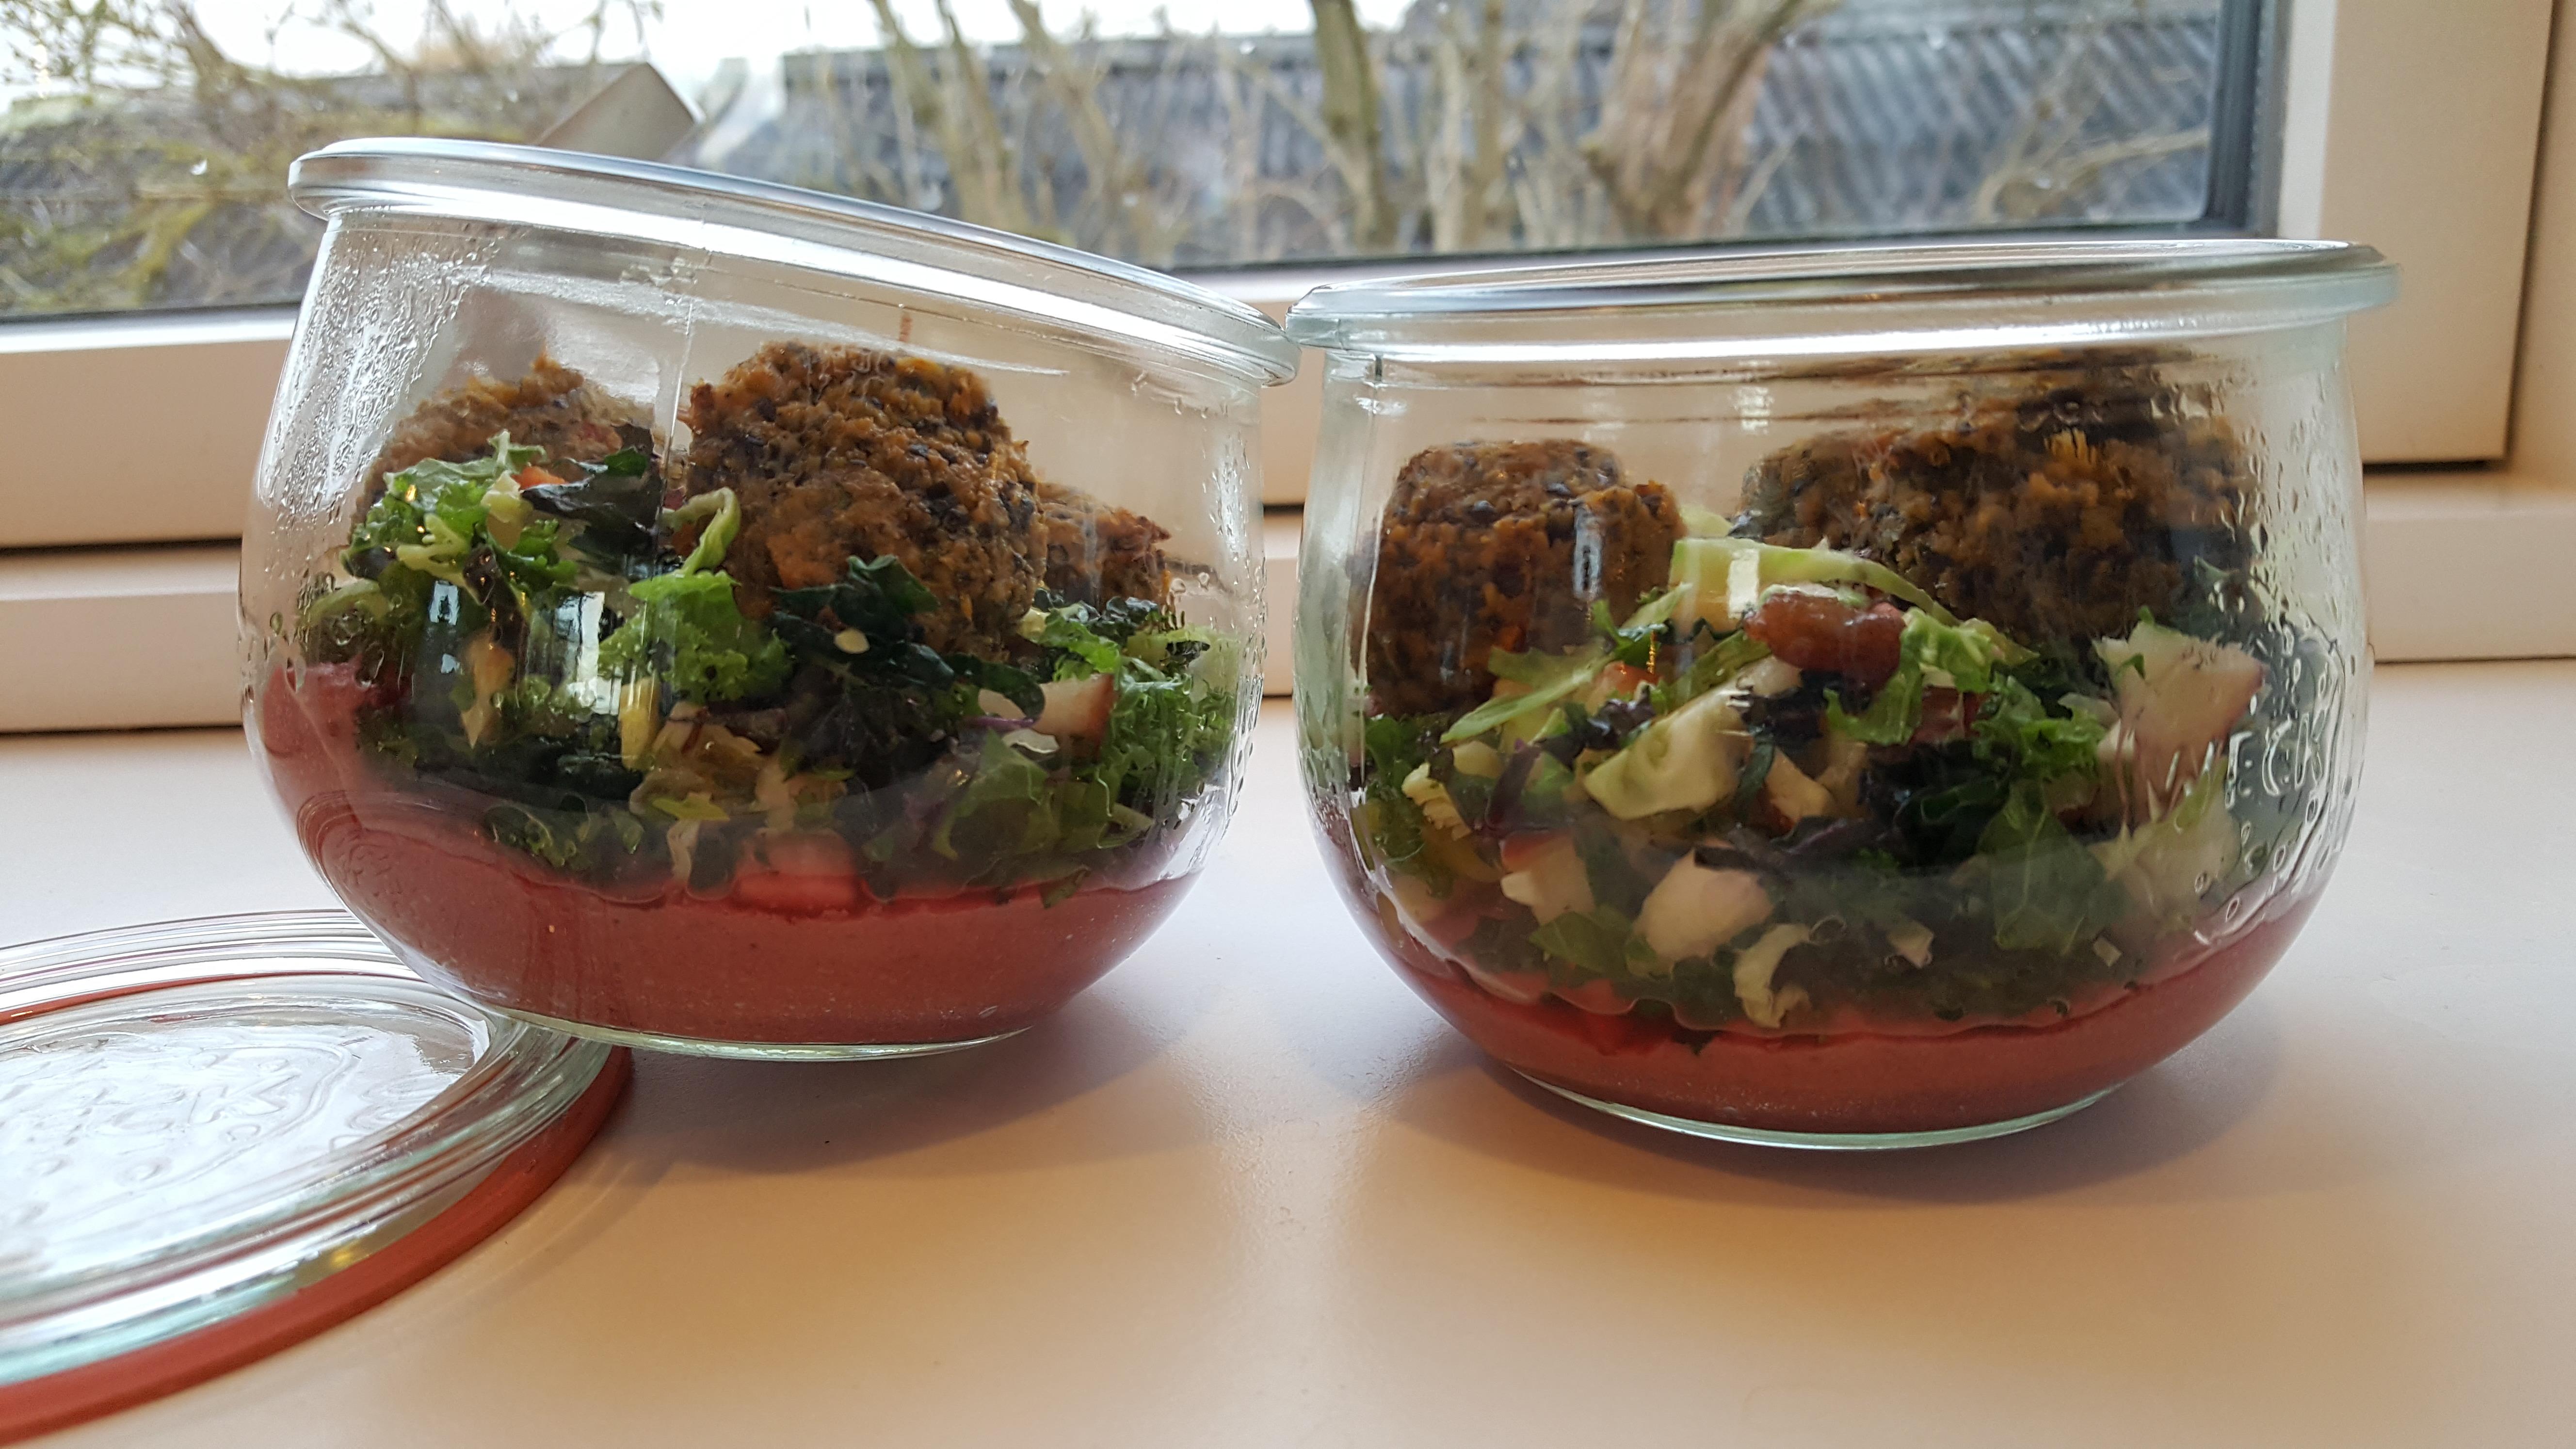 Salatglas med hummus, kålsalat og falafler